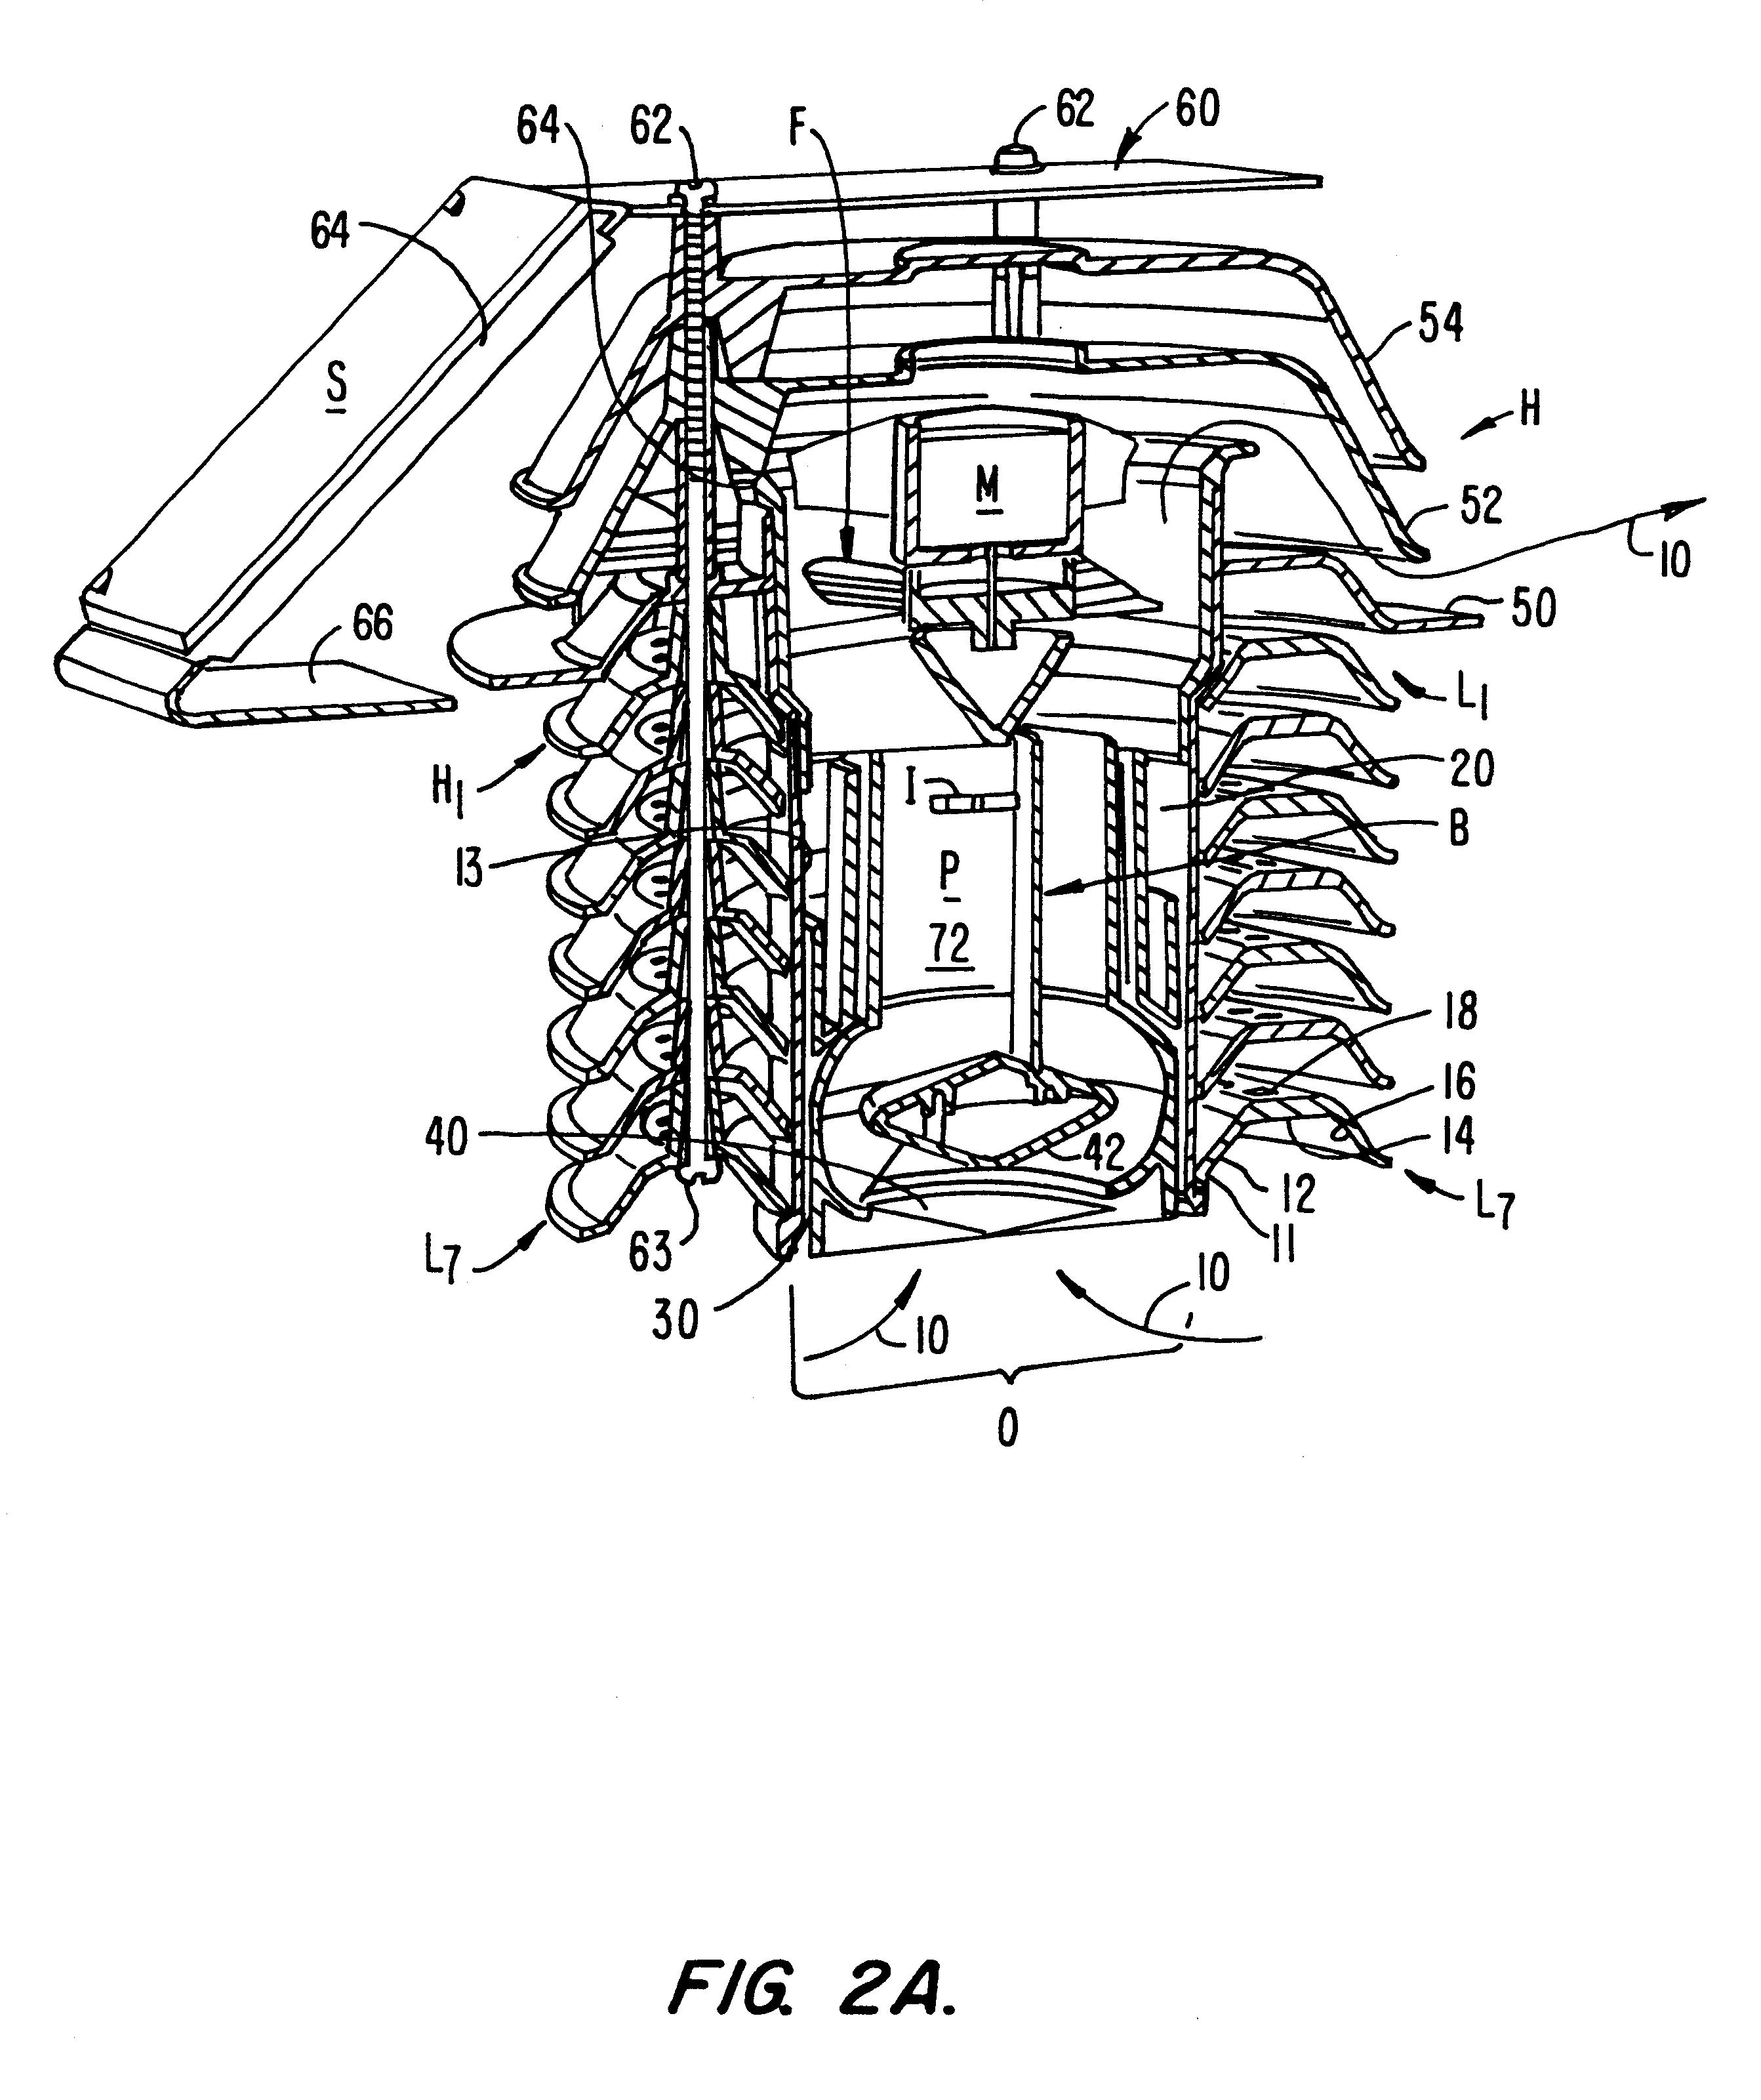 patent us6247360